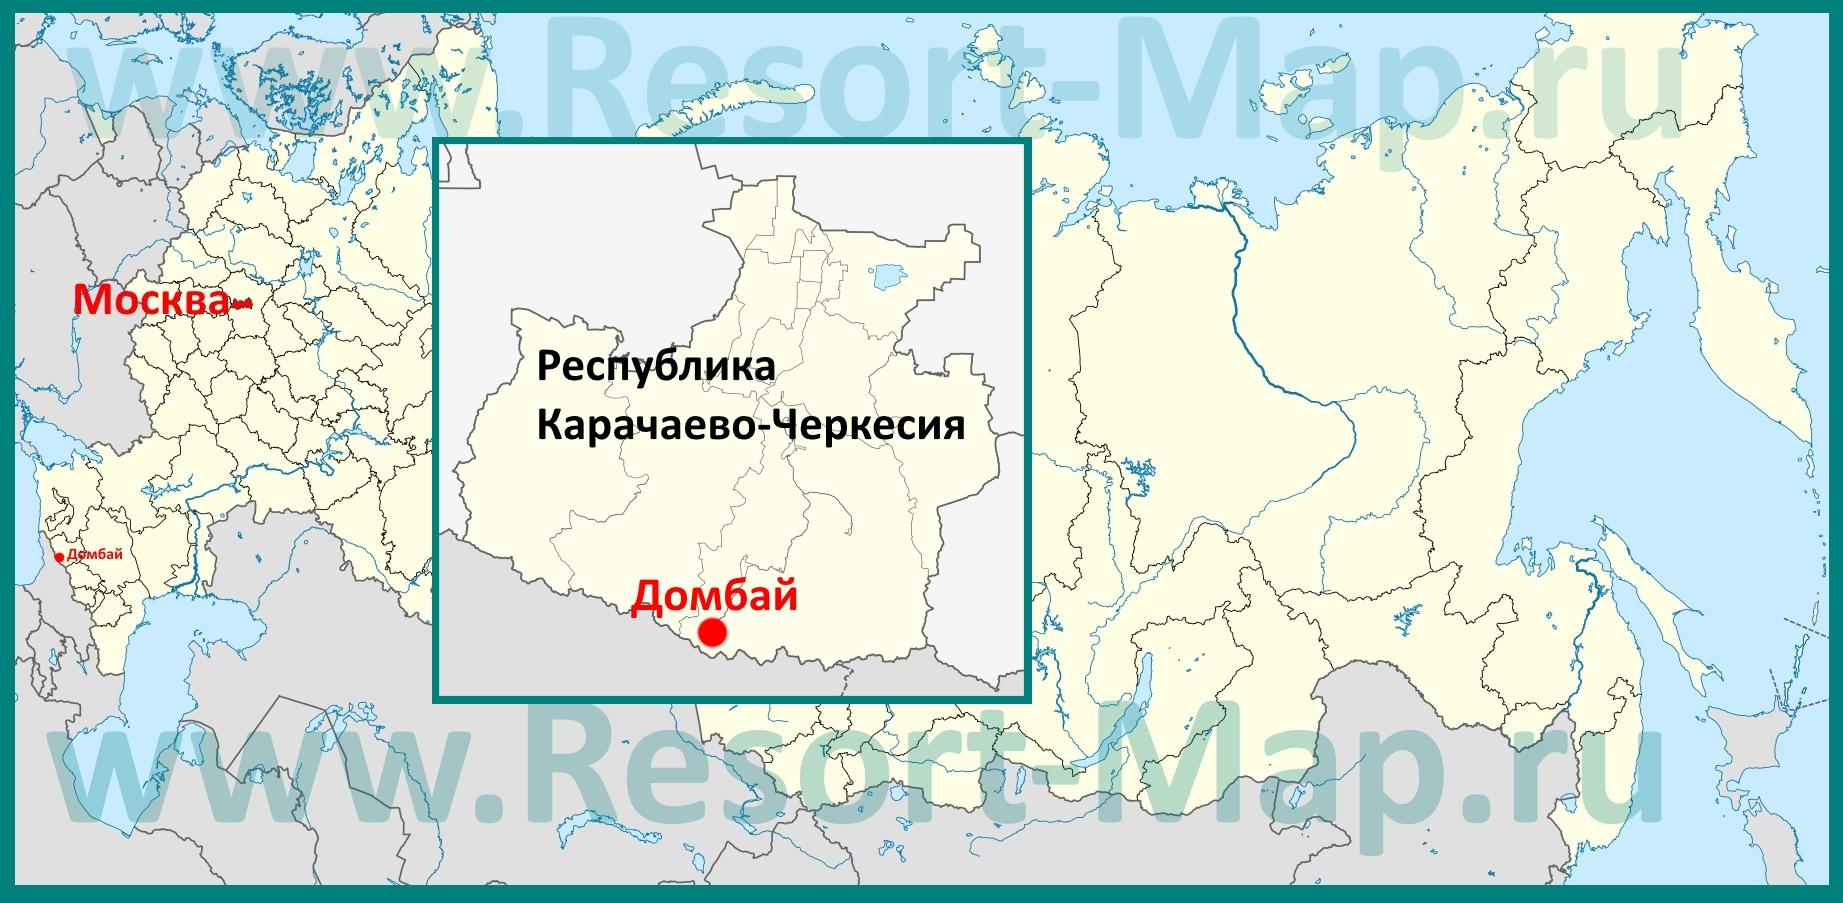 Домбай горнолыжный курорт где находится на карте россии